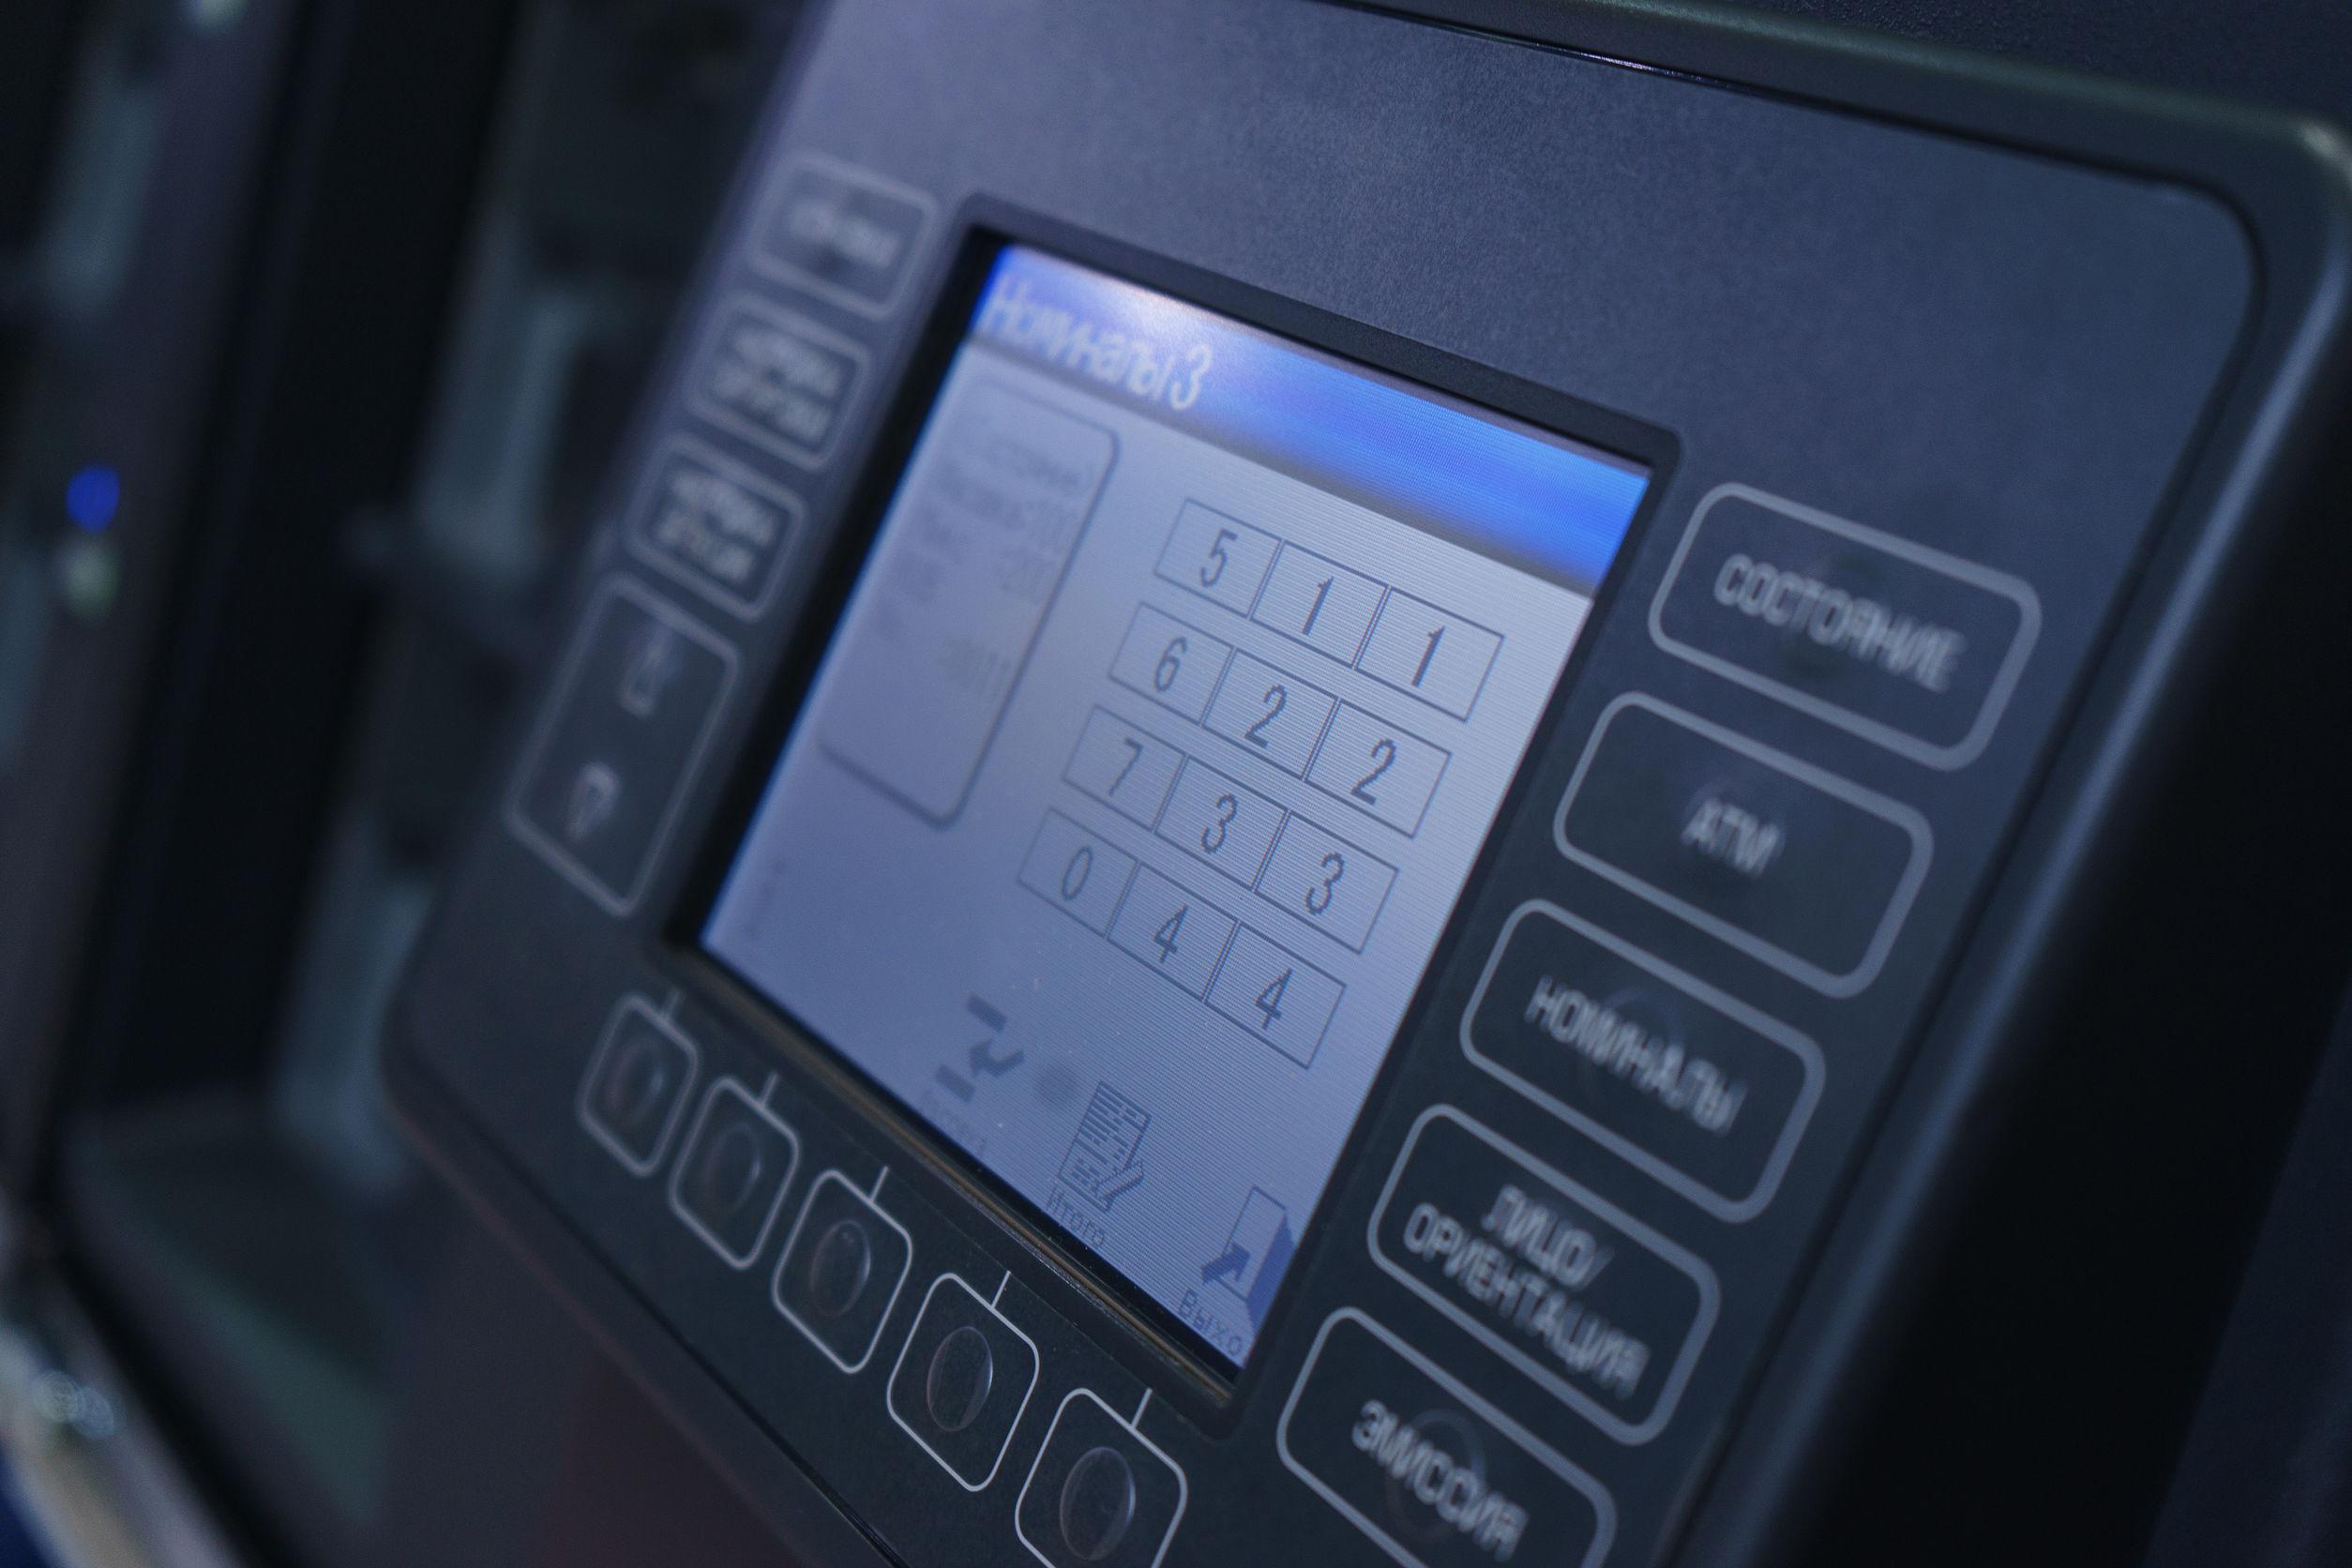 Imagem mostra um aparelho de SAT fiscal.